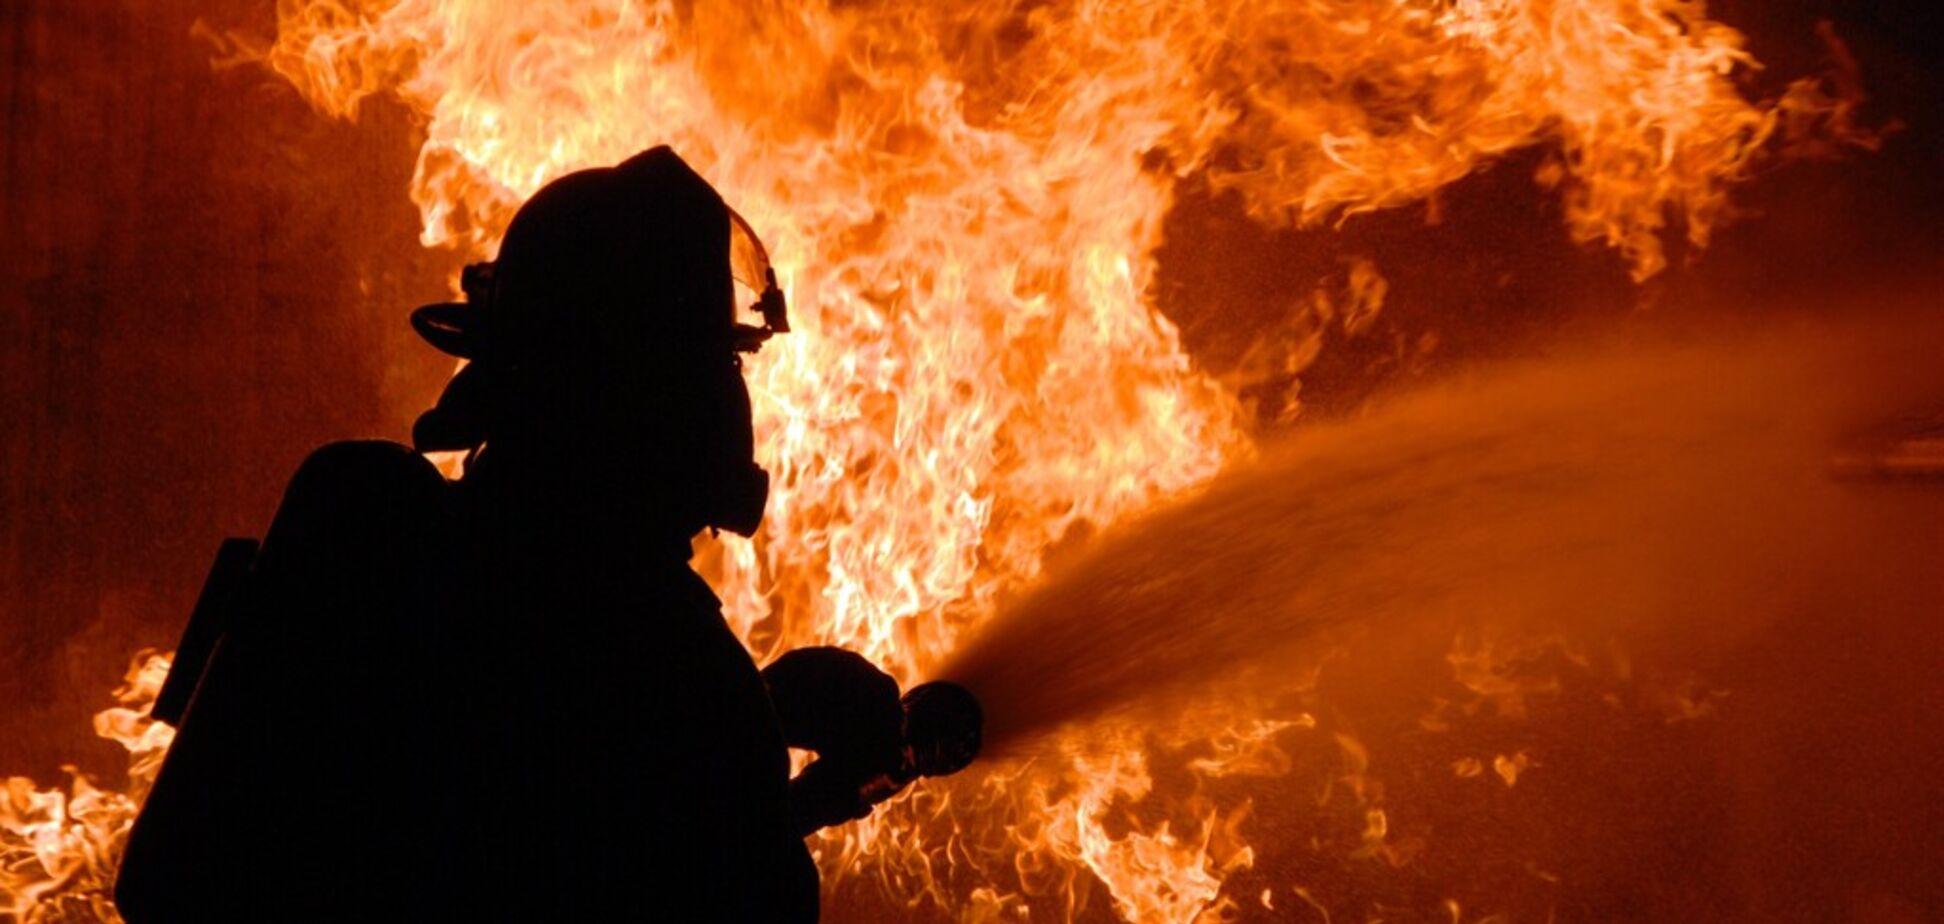 В Днепре отважный пожарный спас женщин из горящего здания